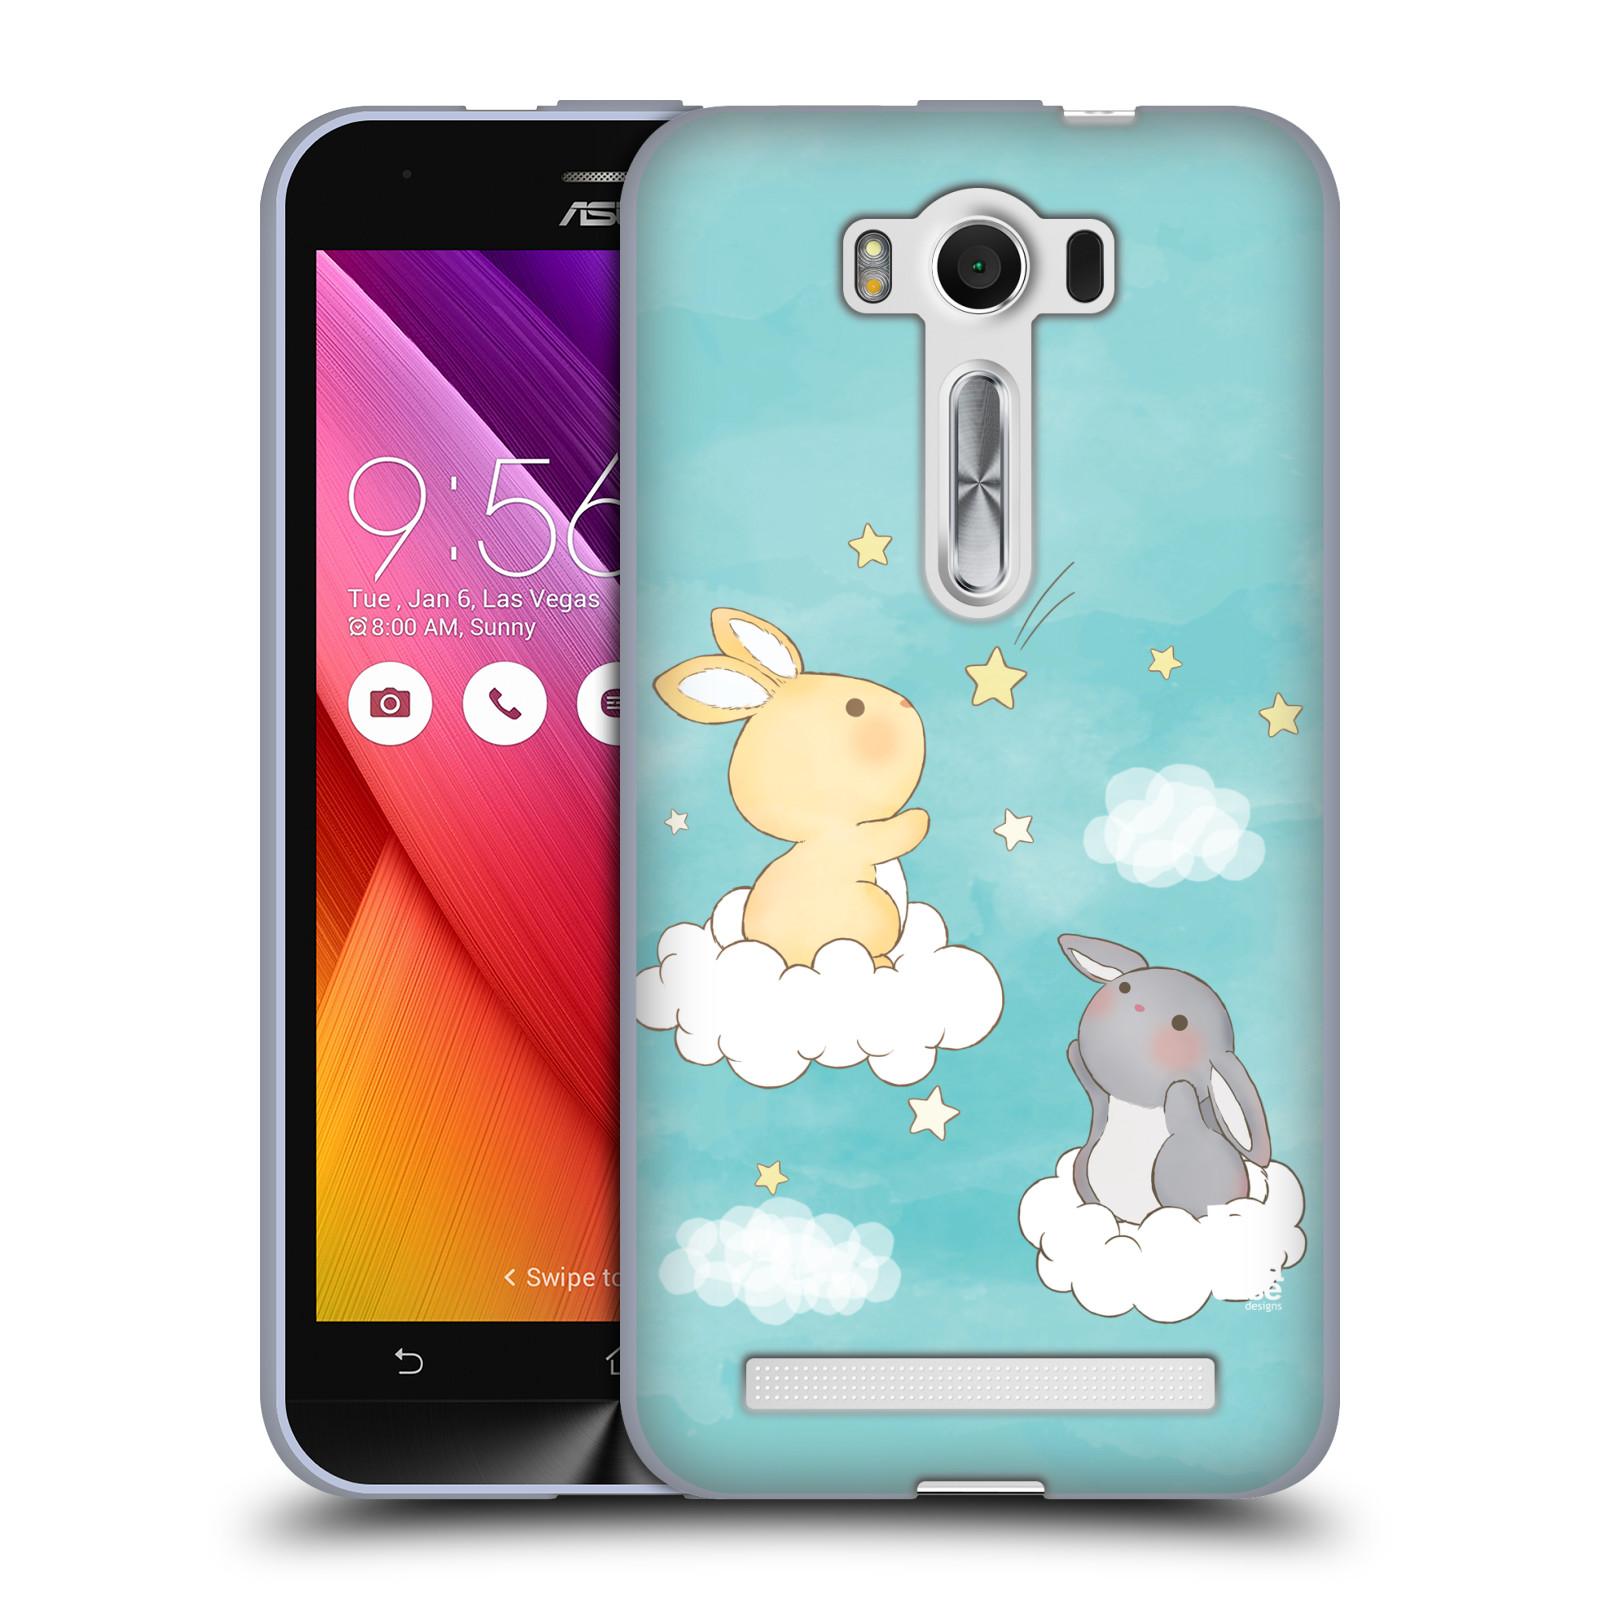 """HEAD CASE silikonový obal na mobil Asus Zenfone 2 LASER (ZE500KL s 5"""" displejem) vzor králíček a hvězdy modrá"""